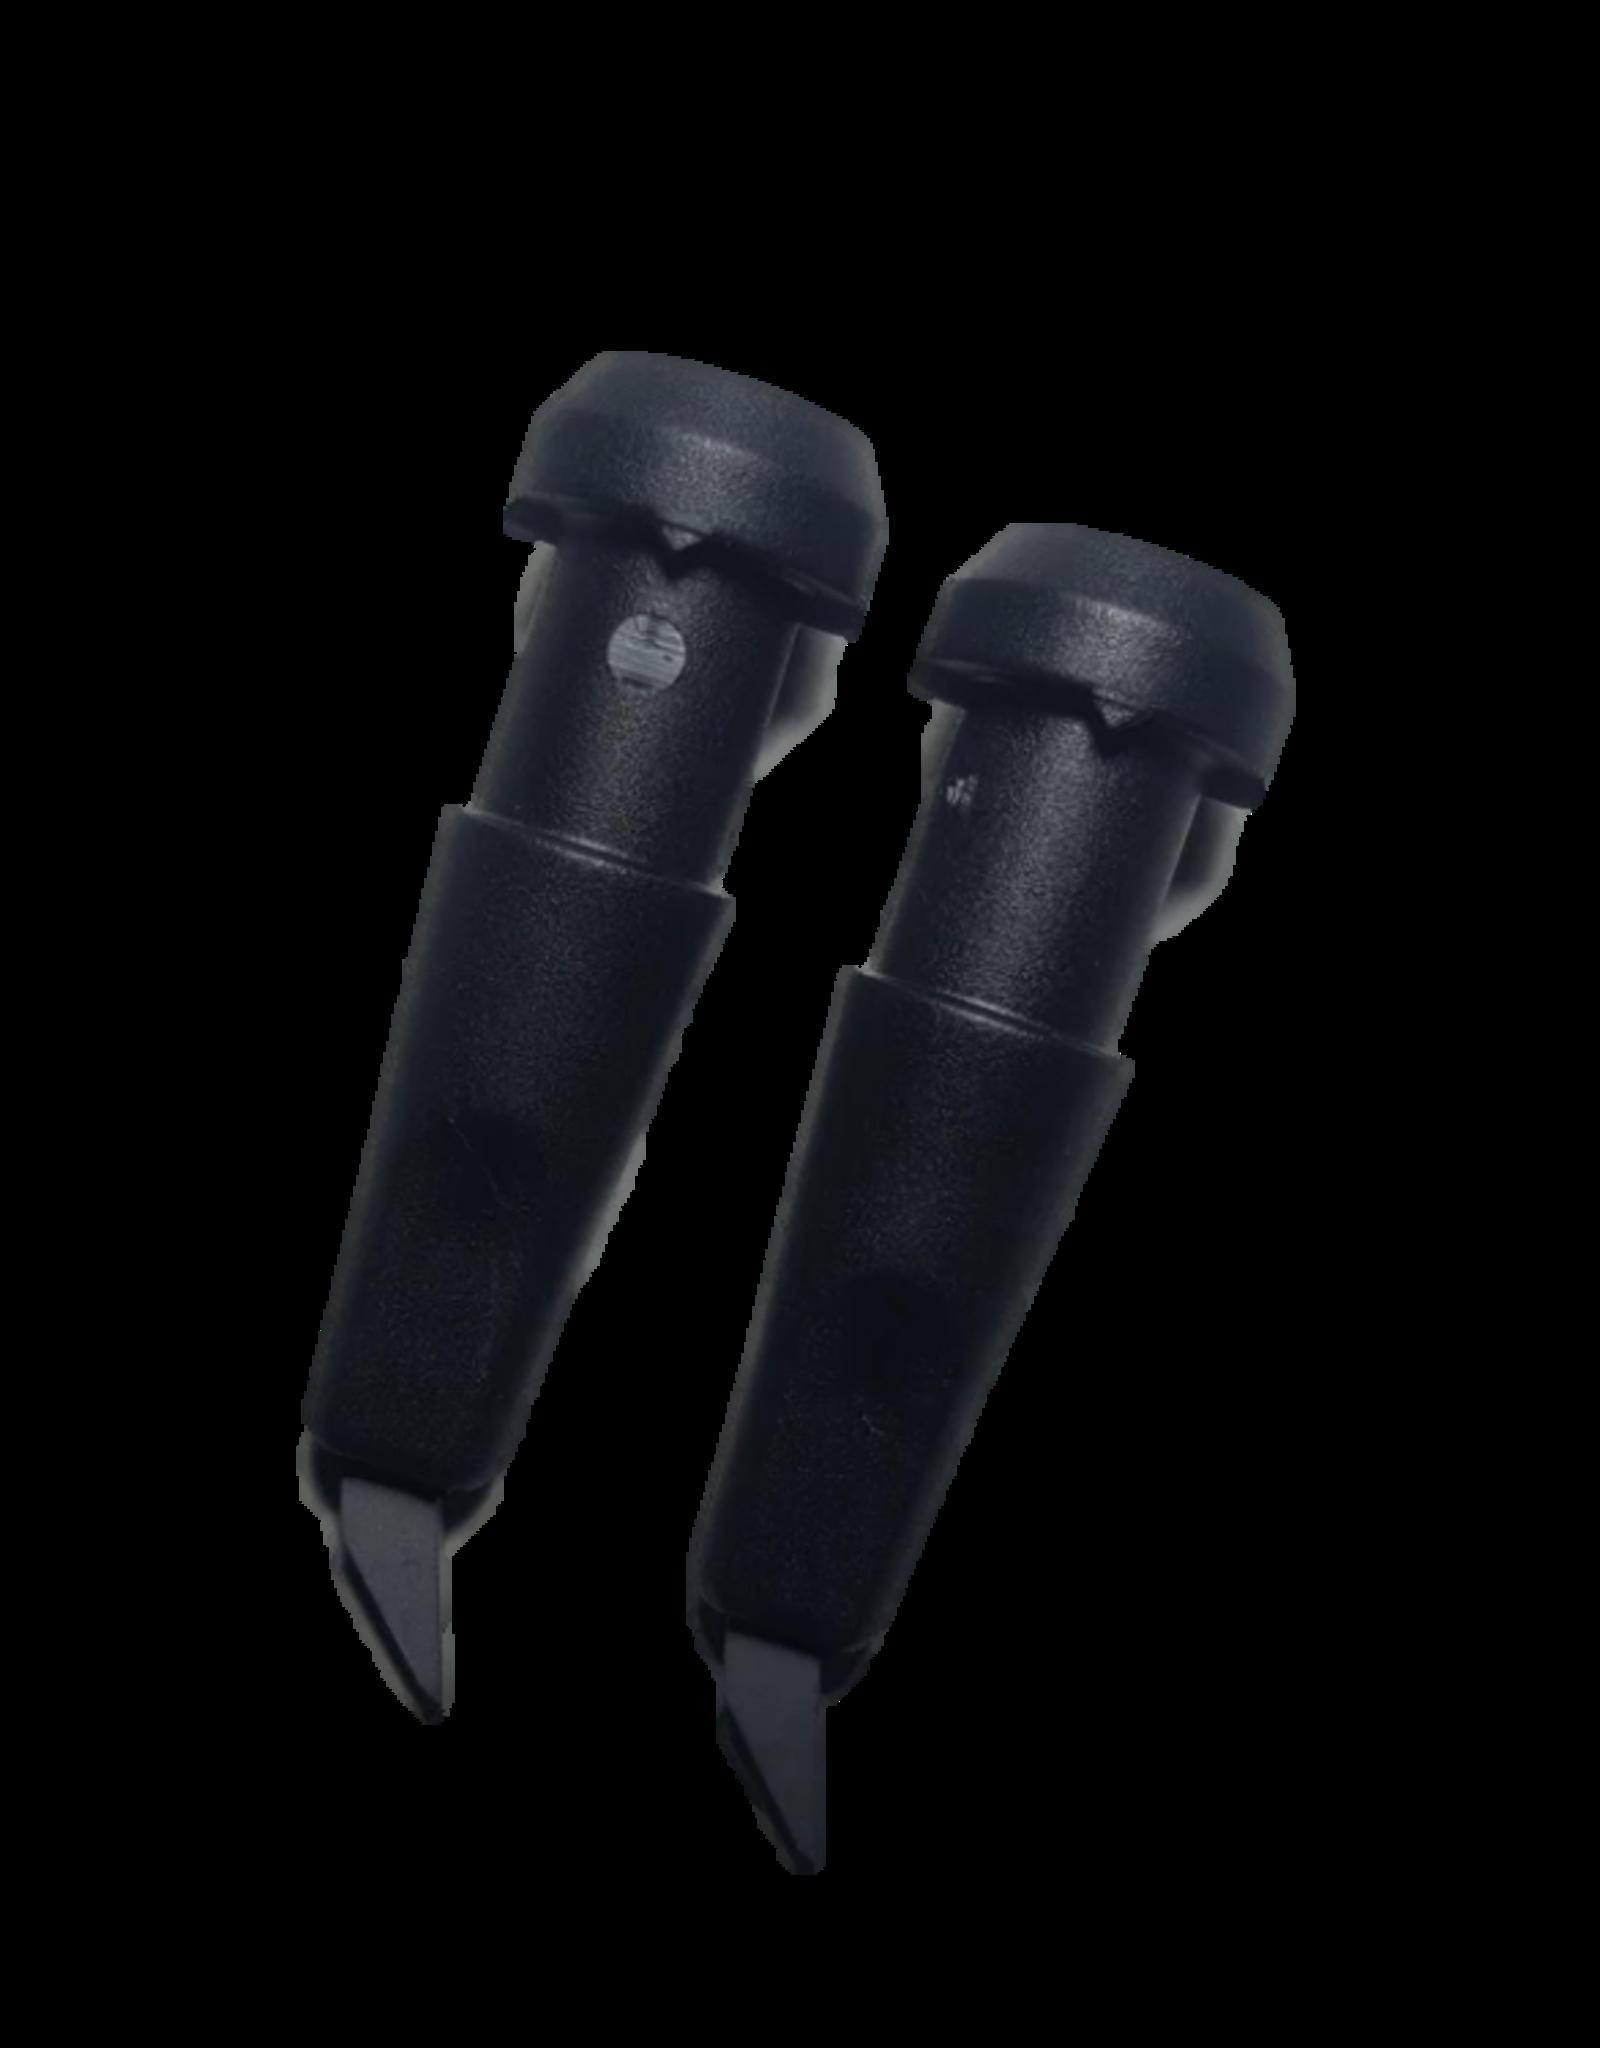 CWS Roller Ski Ferrule 10.0mm